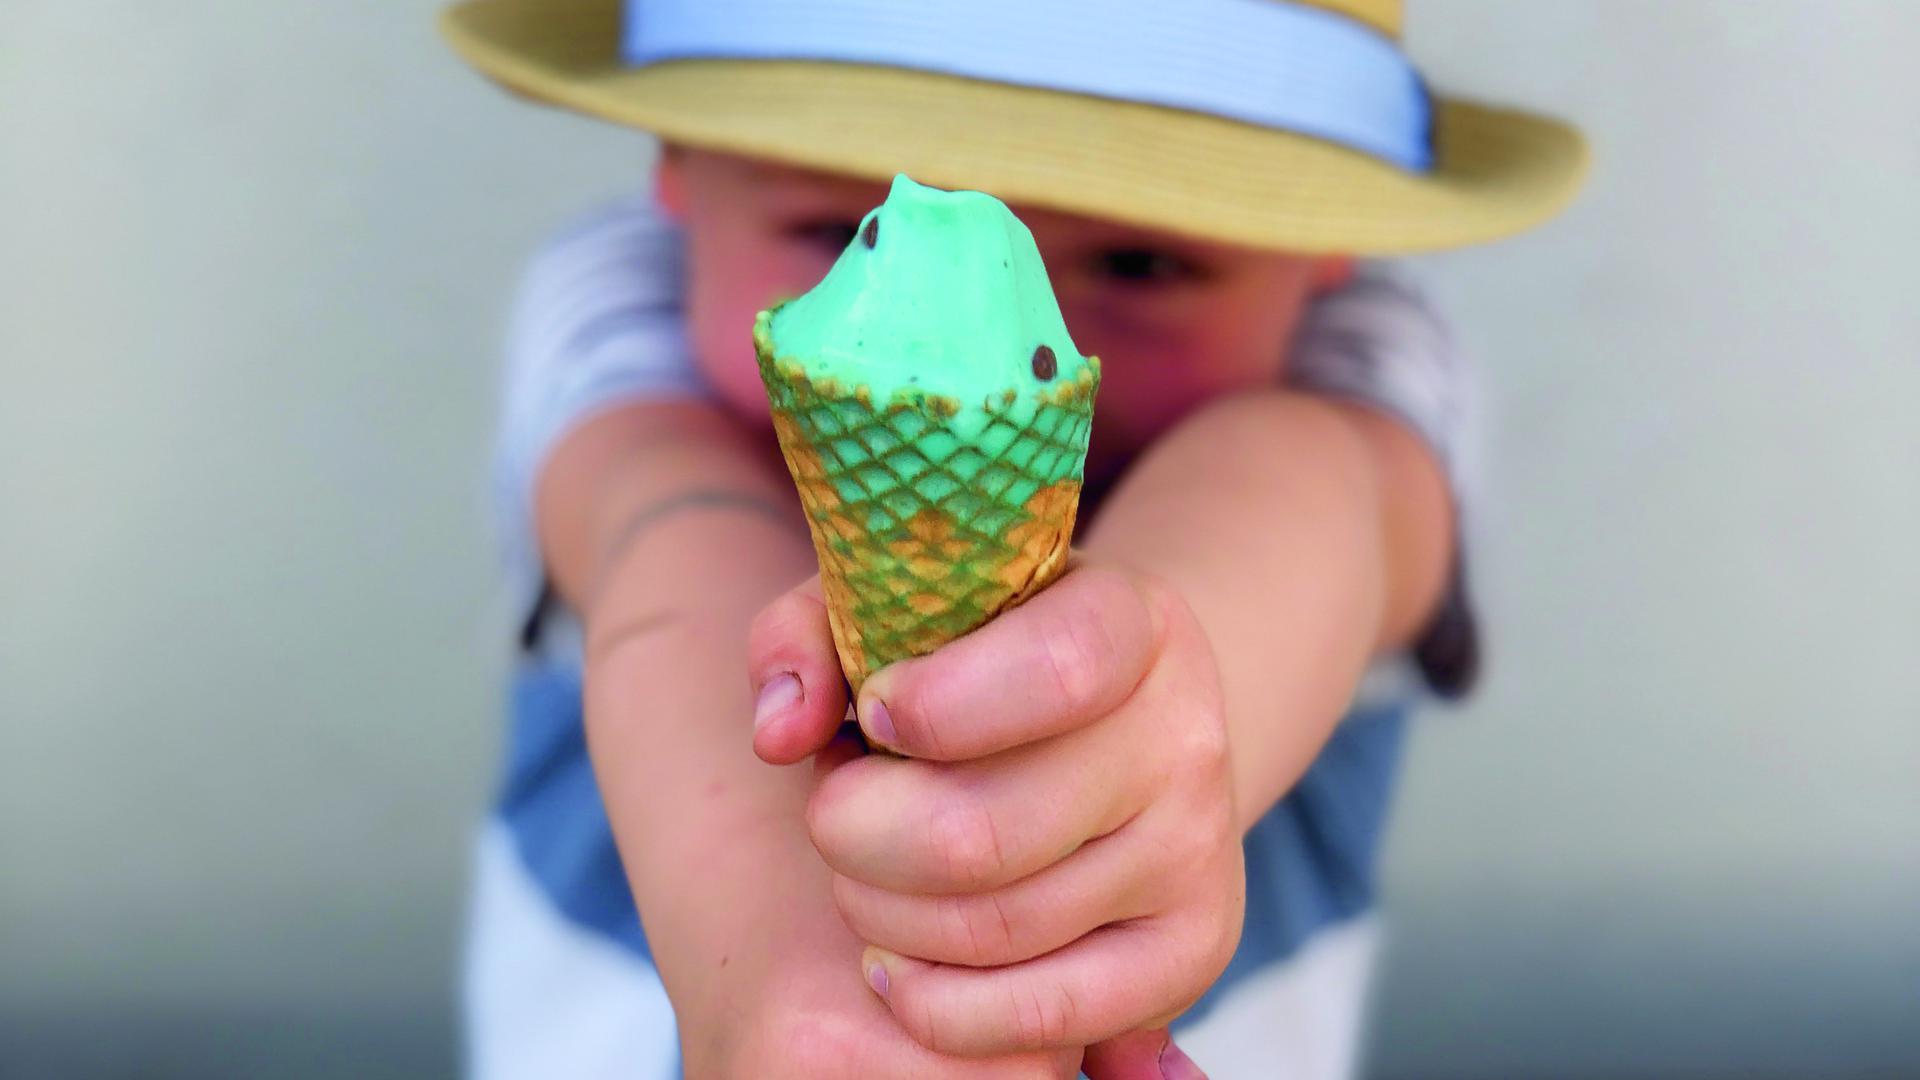 Extrem niedlicher kleiner Junge mit Eis.